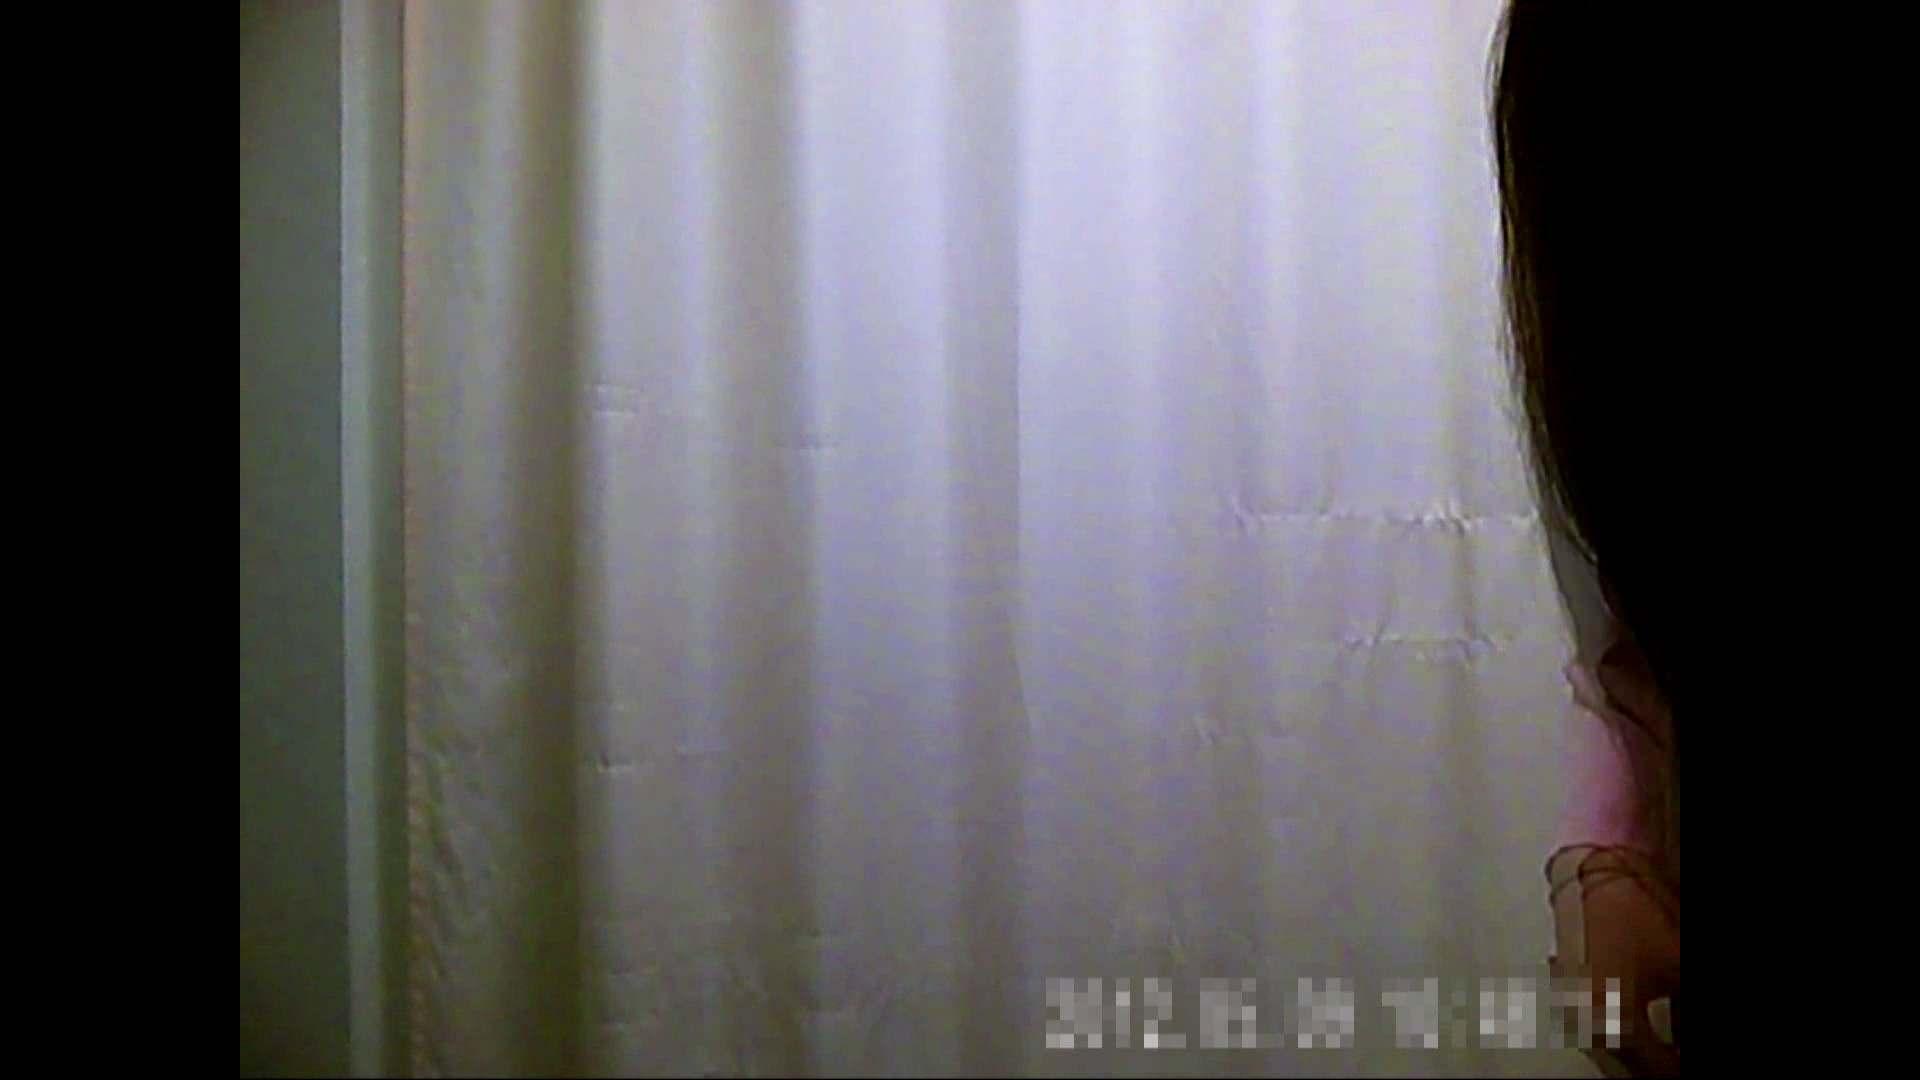 元医者による反抗 更衣室地獄絵巻 vol.001 ギャル攻め  68画像 48